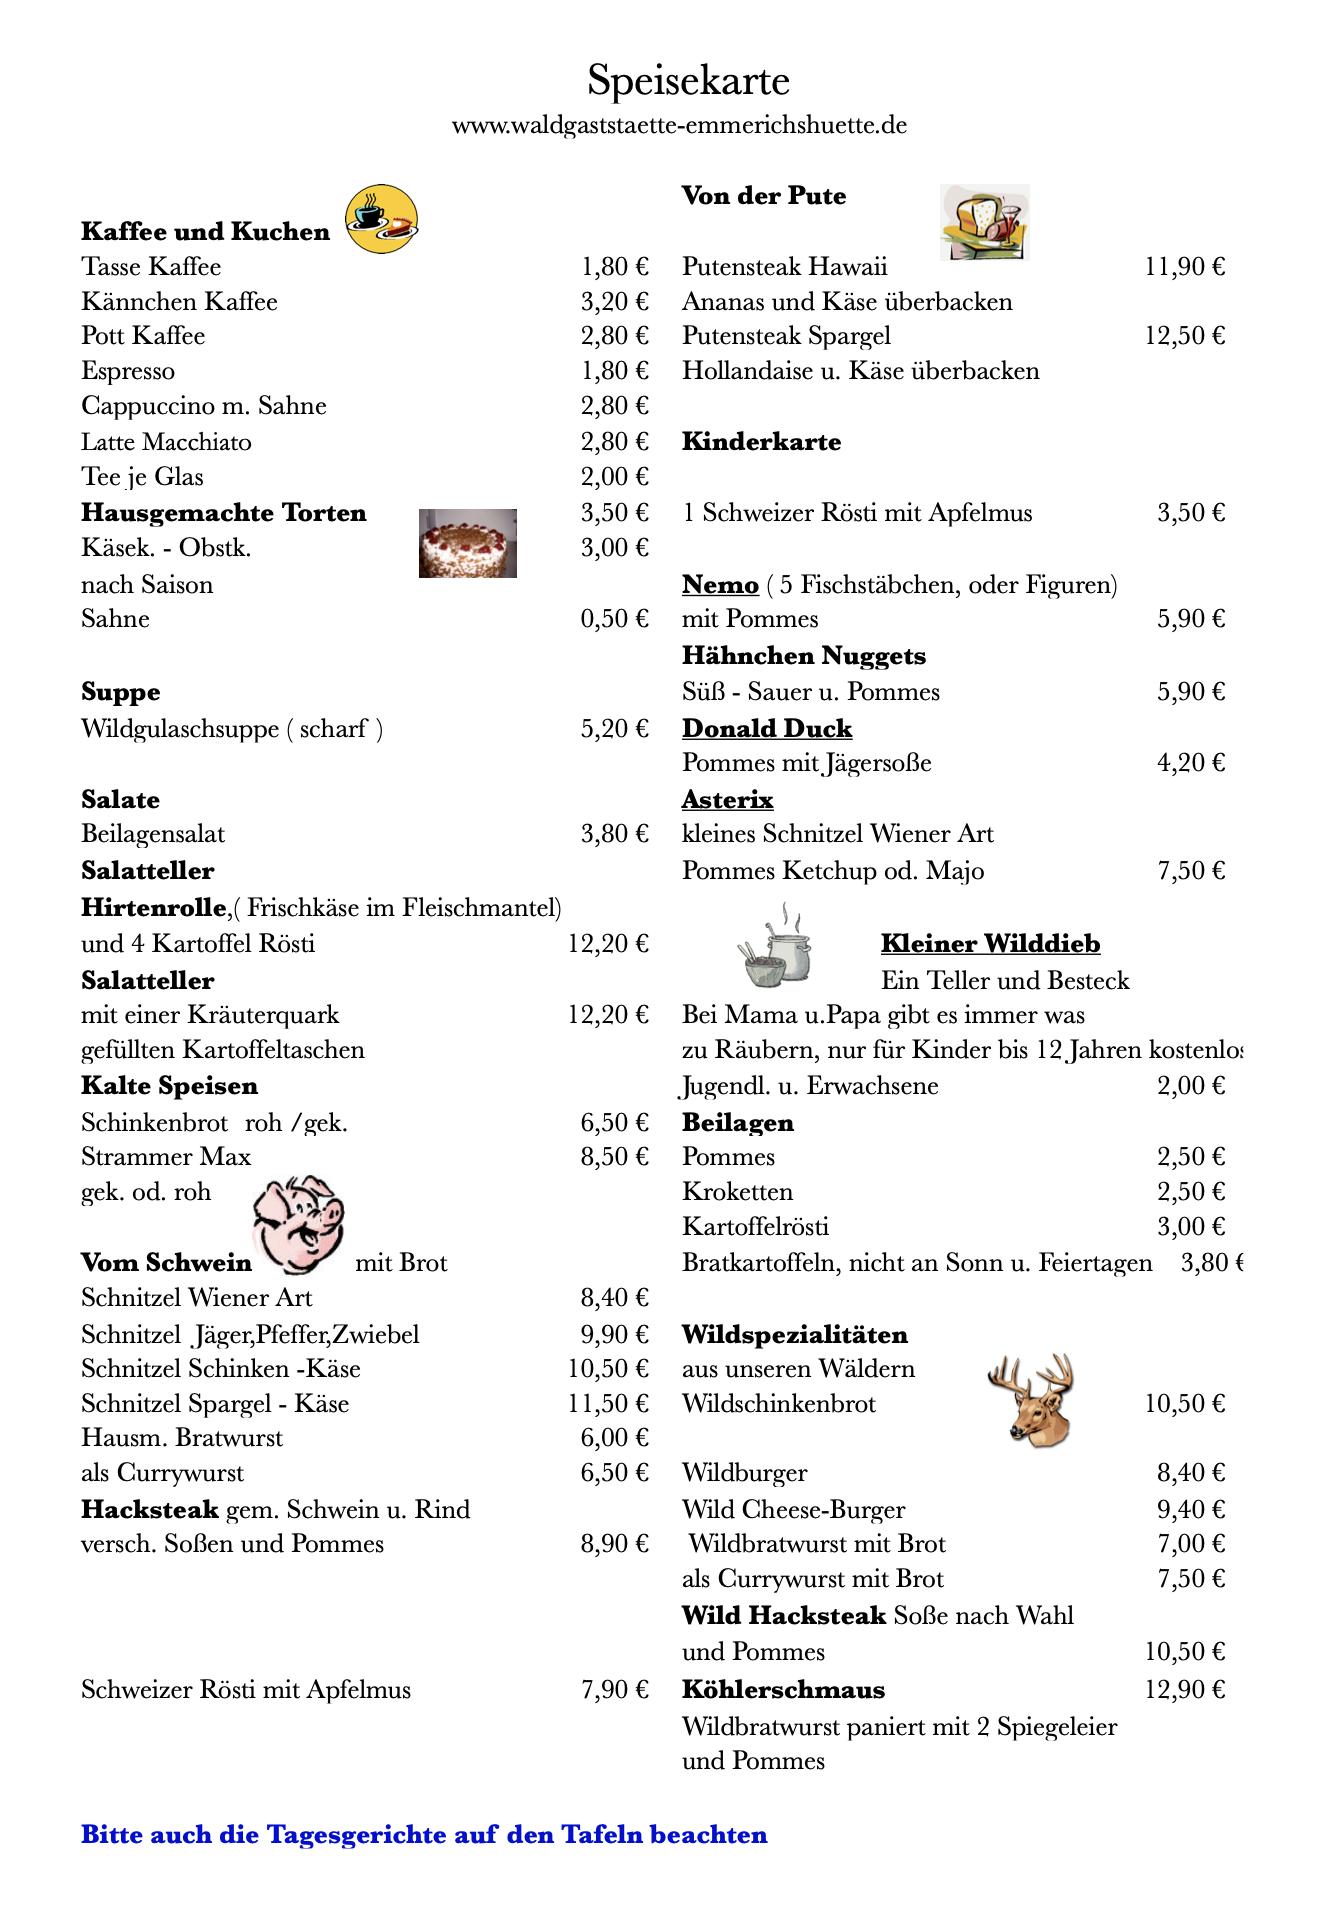 Waldgaststätte Emmerichshütte - Speisekarte April 2021